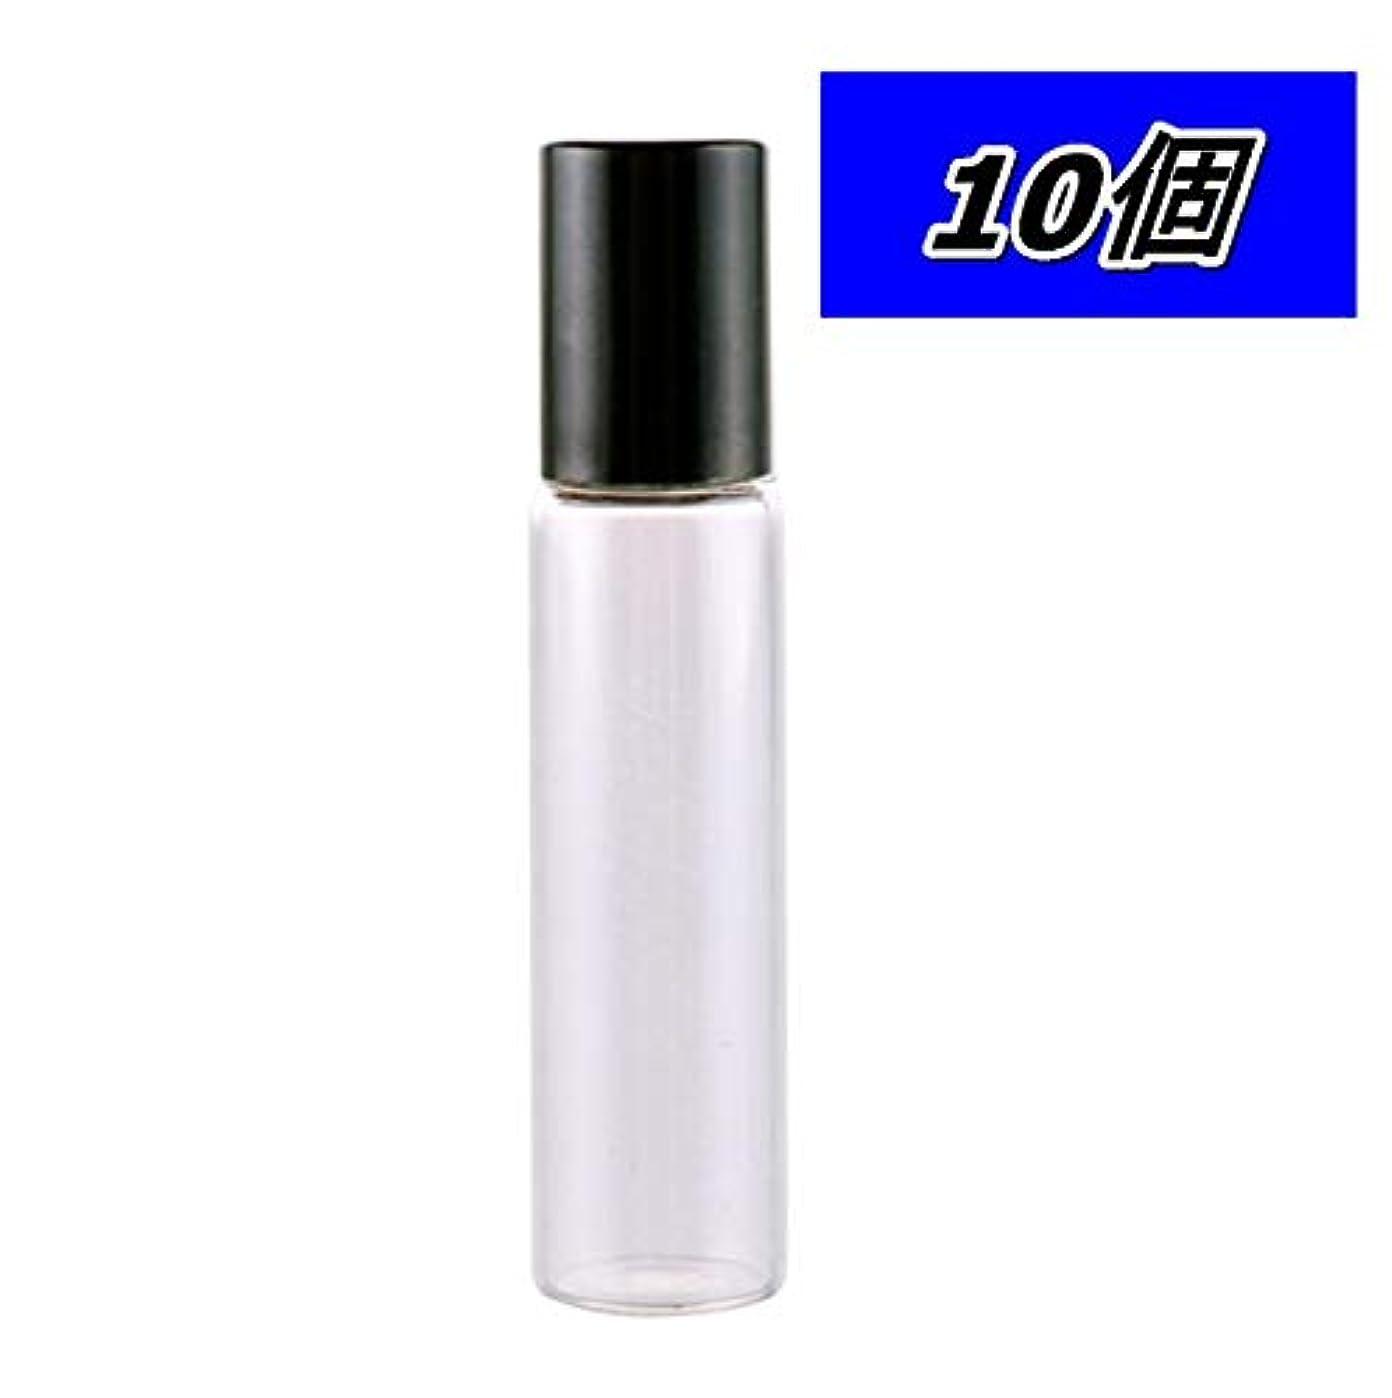 うまくいけばまぶしさ報酬の[SP] ロールオンボトル 容器 アロマ ボトル ガラス 瓶 透明 クリア 香水 小分け 持ち運び 10ml 10本 セット